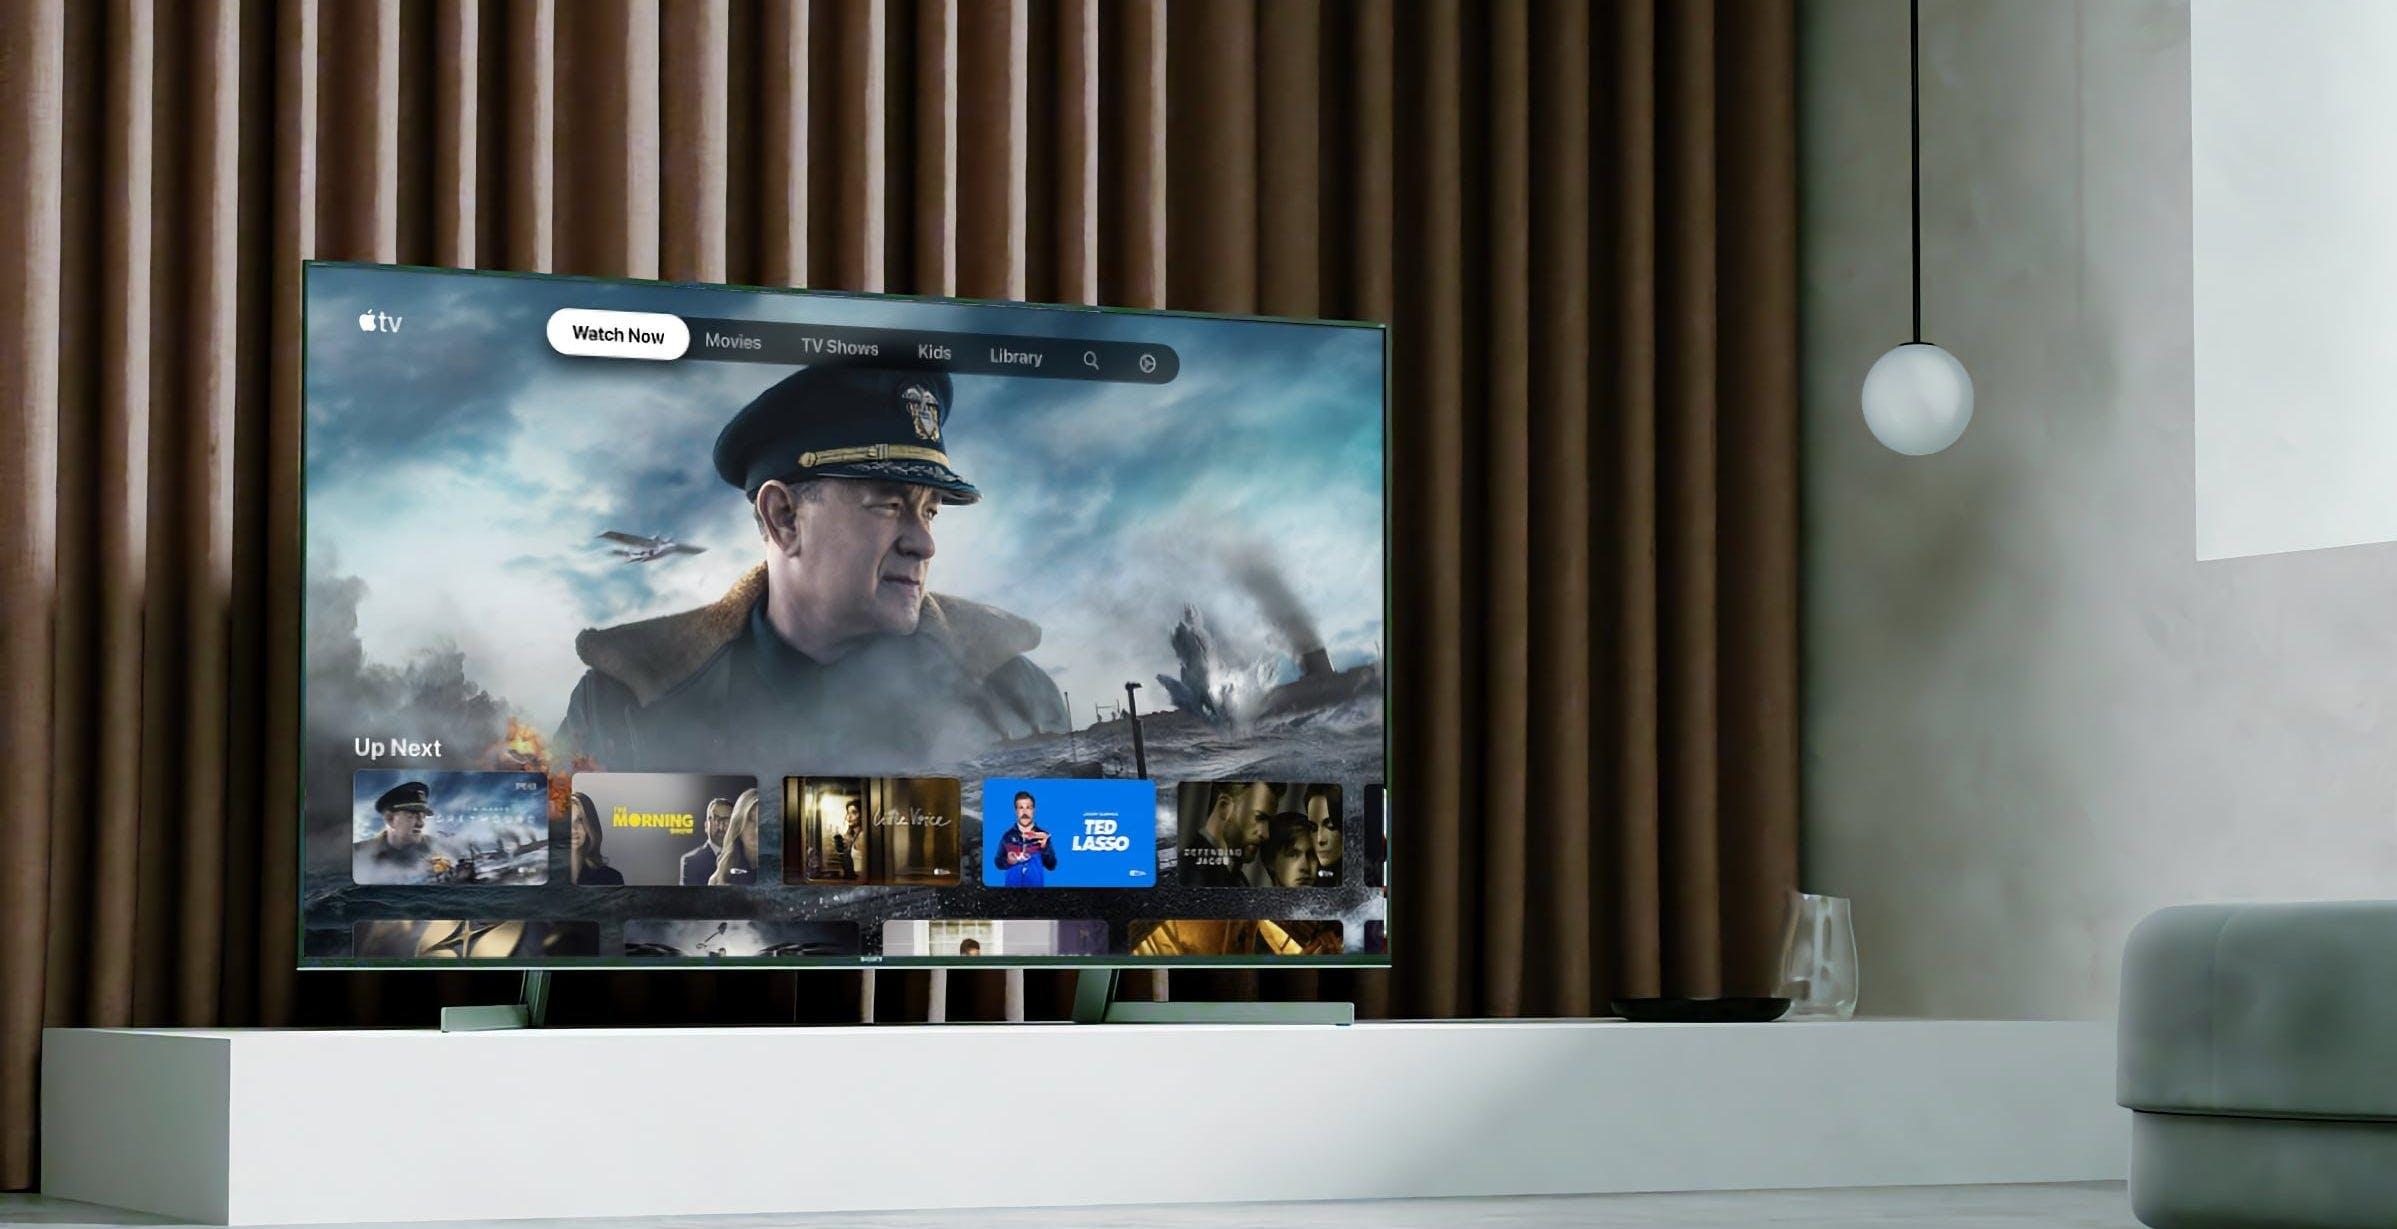 Apple TV sbarca sui televisori Android di Sony. Ecco l'aggiornamento firmware